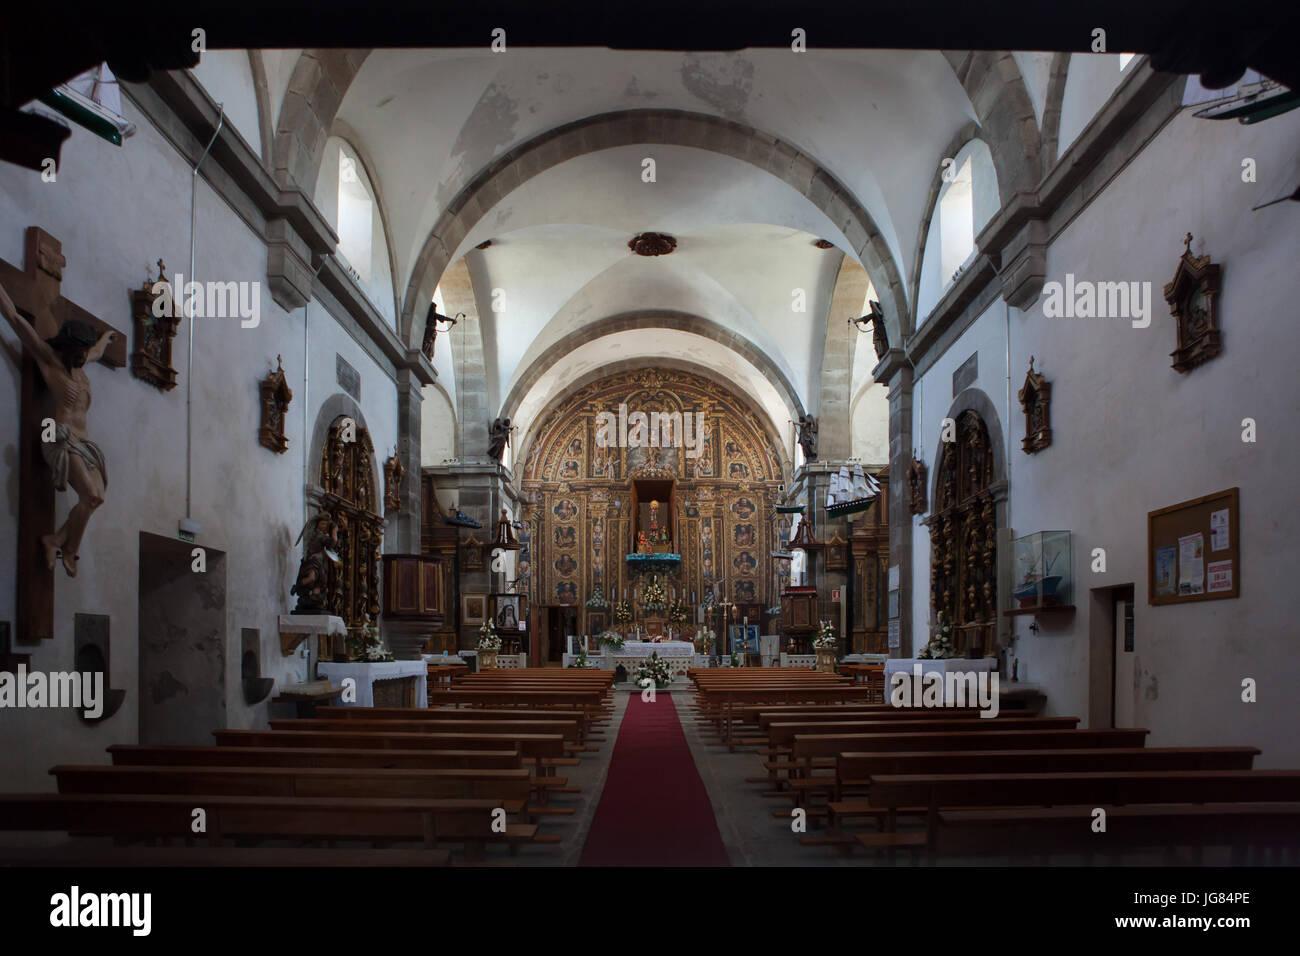 Interior of the Santuario de Nuestra Señora de la Barca (Sanctuary of Our Lady of the Barca) on the coast of - Stock Image